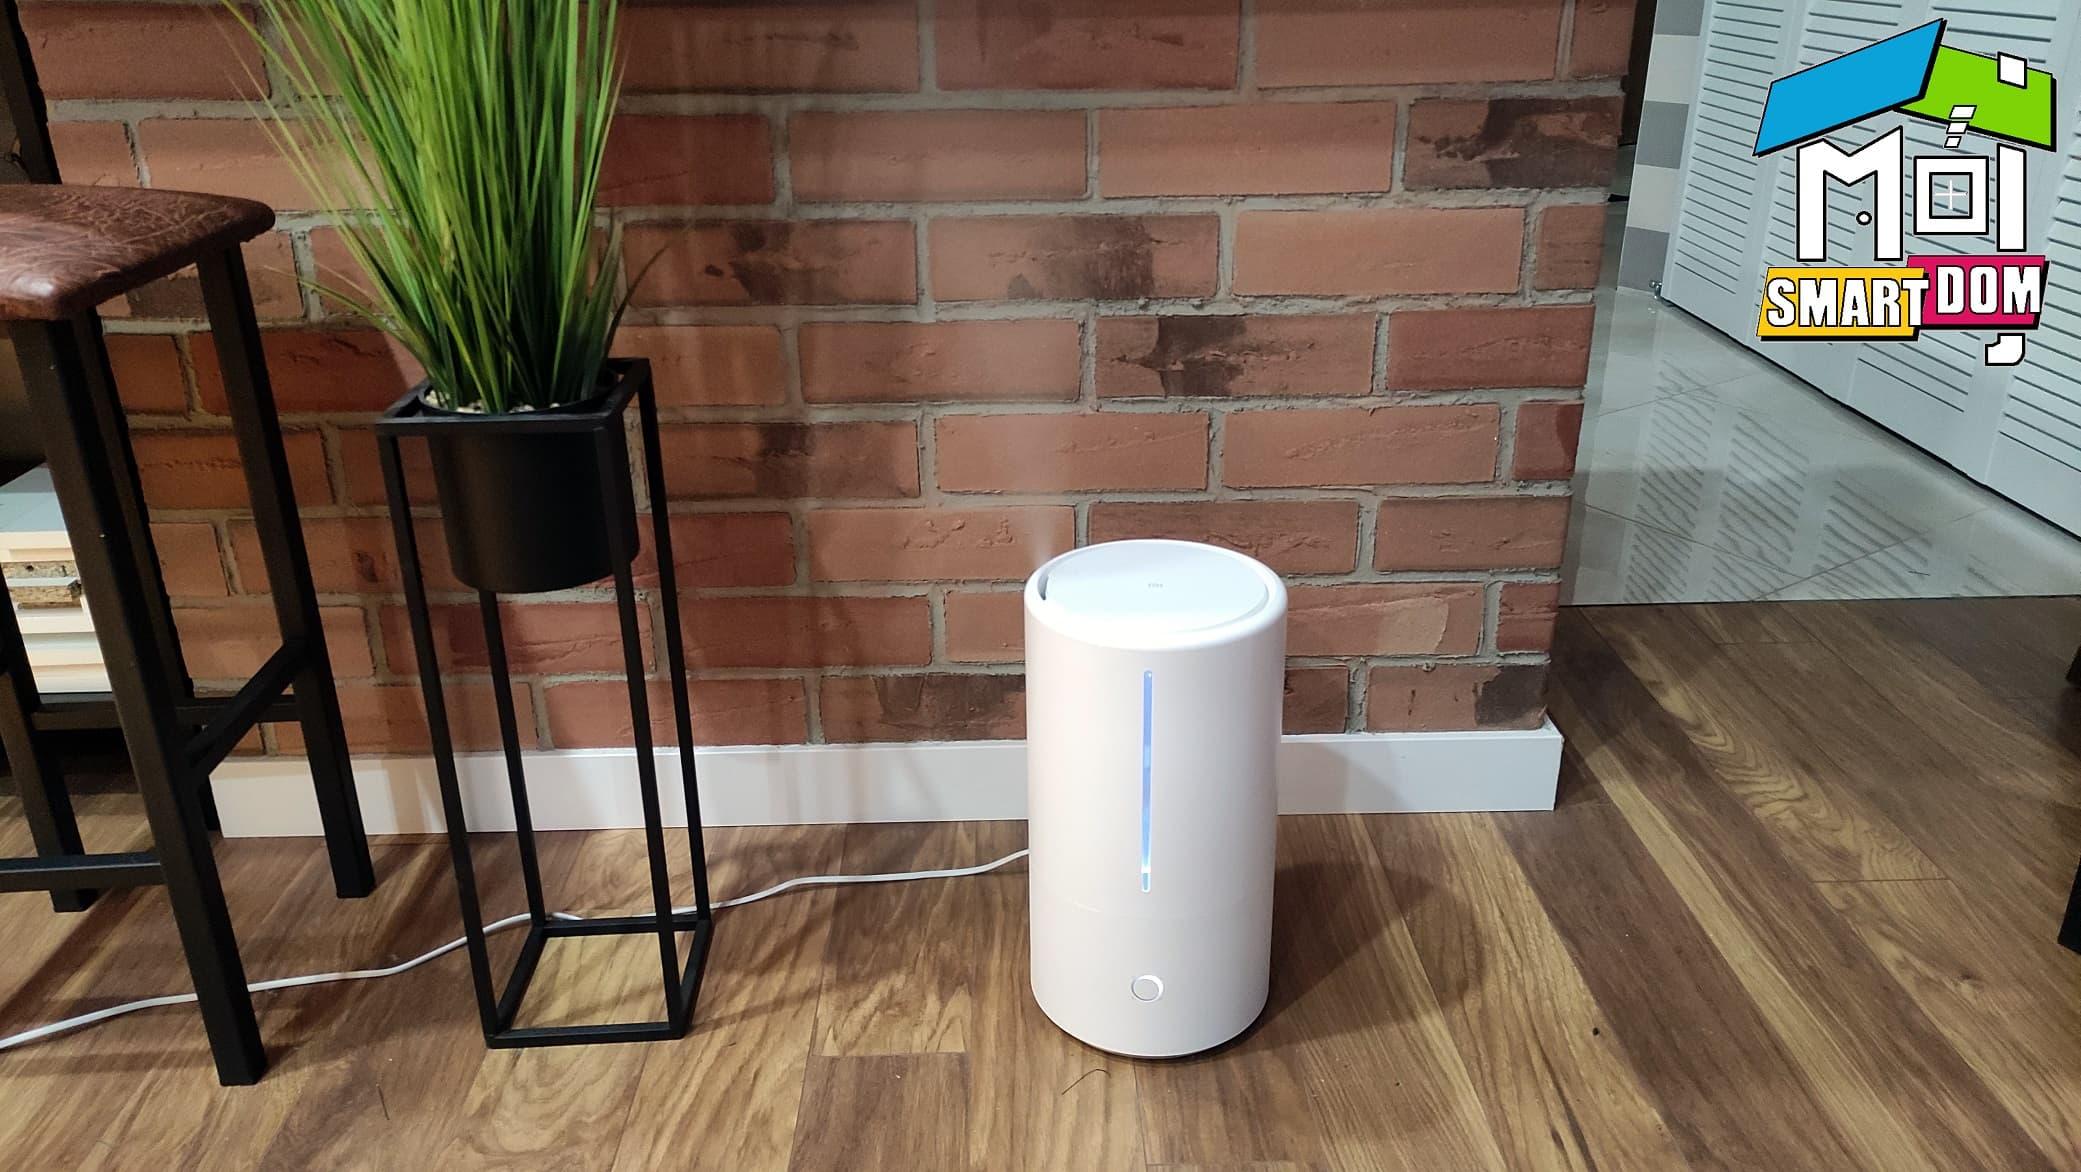 W moim smart domu stale przybywa nowych urządzeń łączących się z platformą Google Home. Postawiłem kiedyś na usługi tego serwisu i już tak zostało (Alexę też testuję, ale mimo szybszego działania nie jest moim moim domyślnym asystentem). Najnowszym modułem potrafiącym reagować na komendy głosowe w moim mieszkaniu został ultradźwiękowy nawilżacz powietrza Xiaomi Mi Smart Antibacterial Humidifier z lampą UV. W Polsce został zapowiedziany podczas wrześniowej prezentacji hulajnóg na warszawskim stoisku Mi Pop Up Store, gdy miałem z nim pierwszy kontakt. Ultradźwiękowe nawilżanie z UV Z nawilżaczy nie korzystam zbyt często. Ostatni jaki pamiętam pozostawiał na podłodze wilgoć (jakiś pożyczony na chwilę). Dzisiaj urządzenia te oferowane są w zdecydowanie lepszej technologii oraz z różnymi sposobami rozprowadzania wodnej mgiełki. Jedną z ciekawszych jest ta ultradźwiękowa. Na taką postawiono w najnowszym Mi Smart Antibacterial Humidifier. Ma wiele zalet i kilka wad, ale część z nich producentowi udało się zniwelować lampą UV. W dodatku jest tu też integracja ze smartdomowymi platformami, więc za przystępne pieniądze zyskujemy nowoczesny element wyposażenia wnętrza. Dla osób rozbudowujących tego typu sieci jest to kusząca propozycja. Sprawdziłem, w czym ultradźwiękowe modele są lepsze, a w czym gorsze od innych. Zaletą, którą od razu zauważyłem, jest niewątpliwie bardzo cicha praca całego urządzenia. Włączałem nawilżanie w późnych wieczorowych porach, gdy praktycznie zasypiałem i prawie niczego nie słyszałem (urządzenie stoi trochę dalej od łóżka). O wyłączanie nie trzeba się martwić, gdyż pomaga w tym automatyzacja z wyznaczaniem harmonogramów pracy. Zdalny dostęp też jest możliwy, więc sprzęt można uruchamiać lub wyłączać spoza domu. Niekiedy taka możliwość się przydaje. Zwykle nawilżacze ultradźwiękowe są podatne na zanieczyszczenia, ale w modelu Xiaomi powinna pomóc lampa UV, która dezynfekuje wodę przed wypuszczaniem charakterystycznej mgiełki. Wbudowany higrometr i te